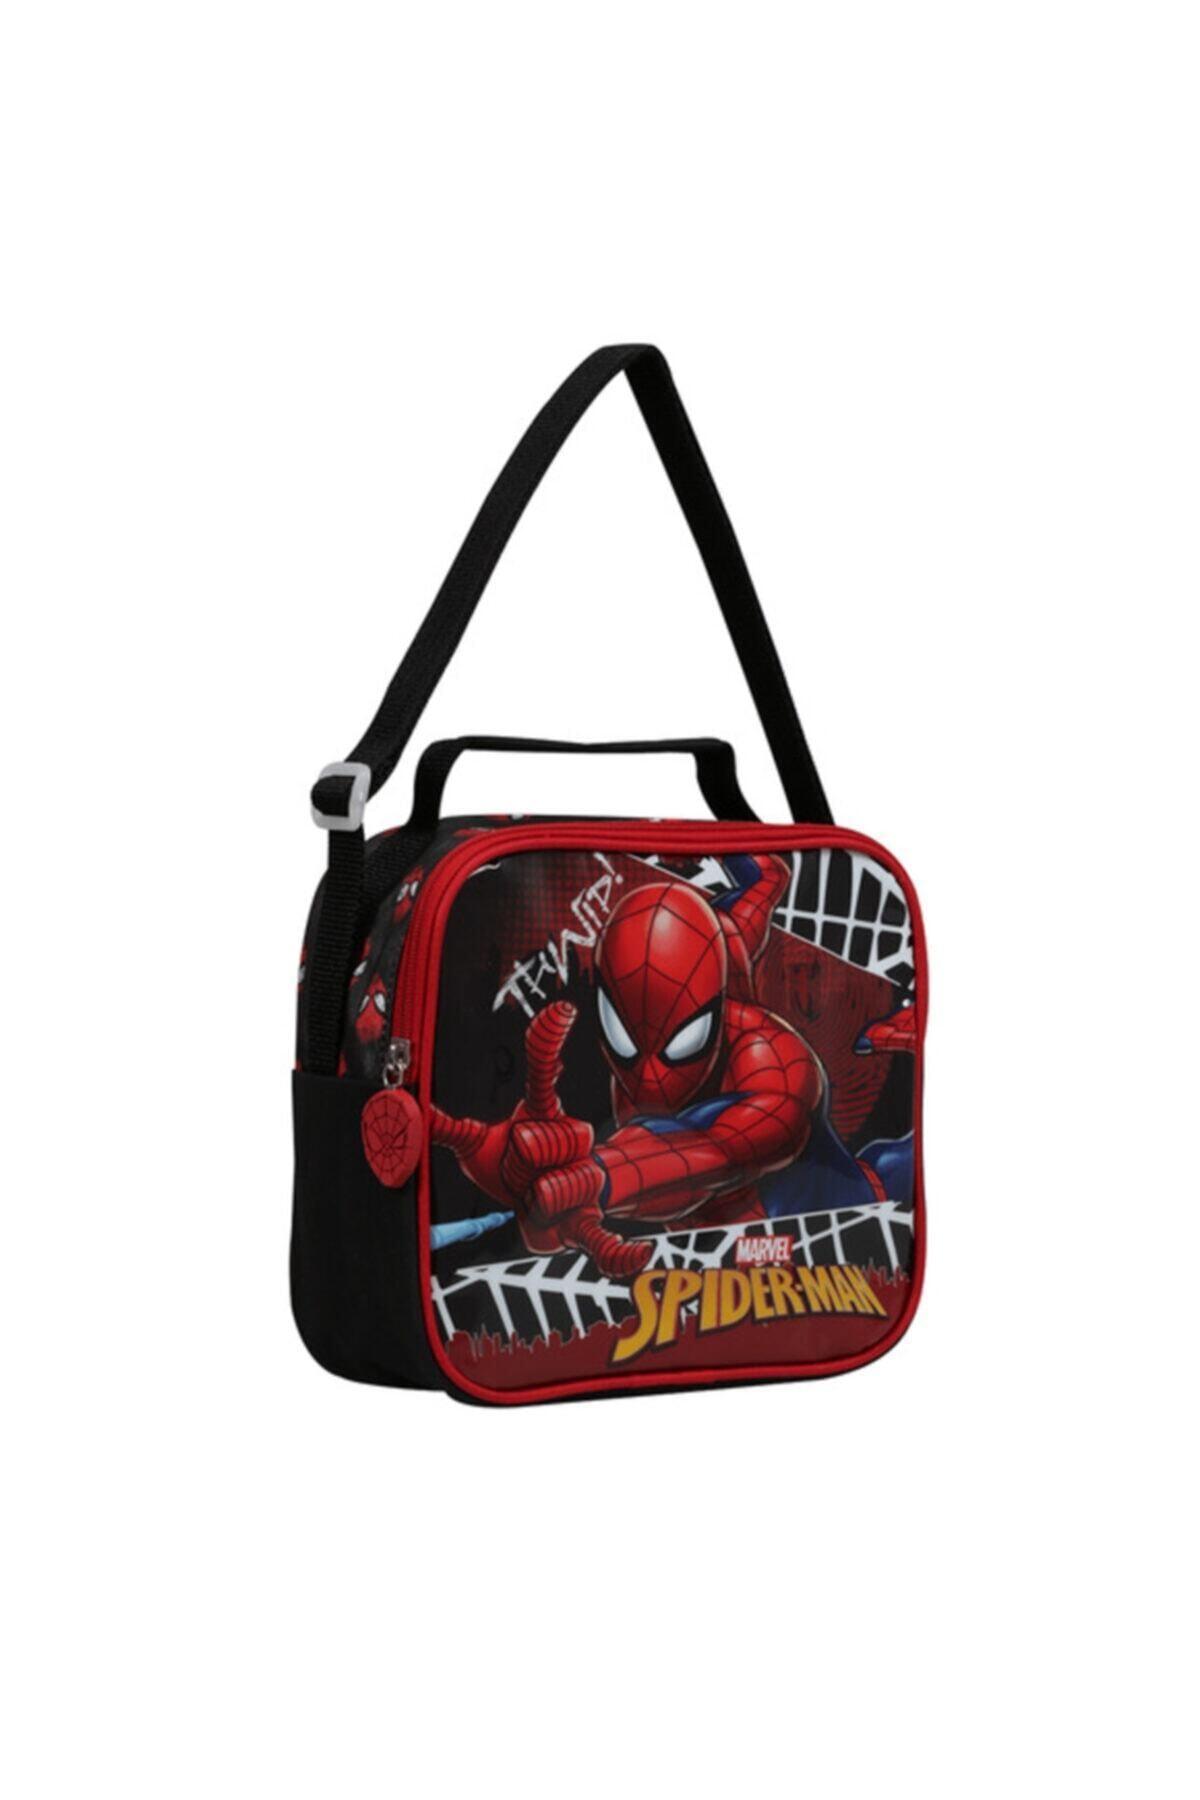 Şahin Spiderman Beslenme Çantası Echo Spider Eyes 5250 2